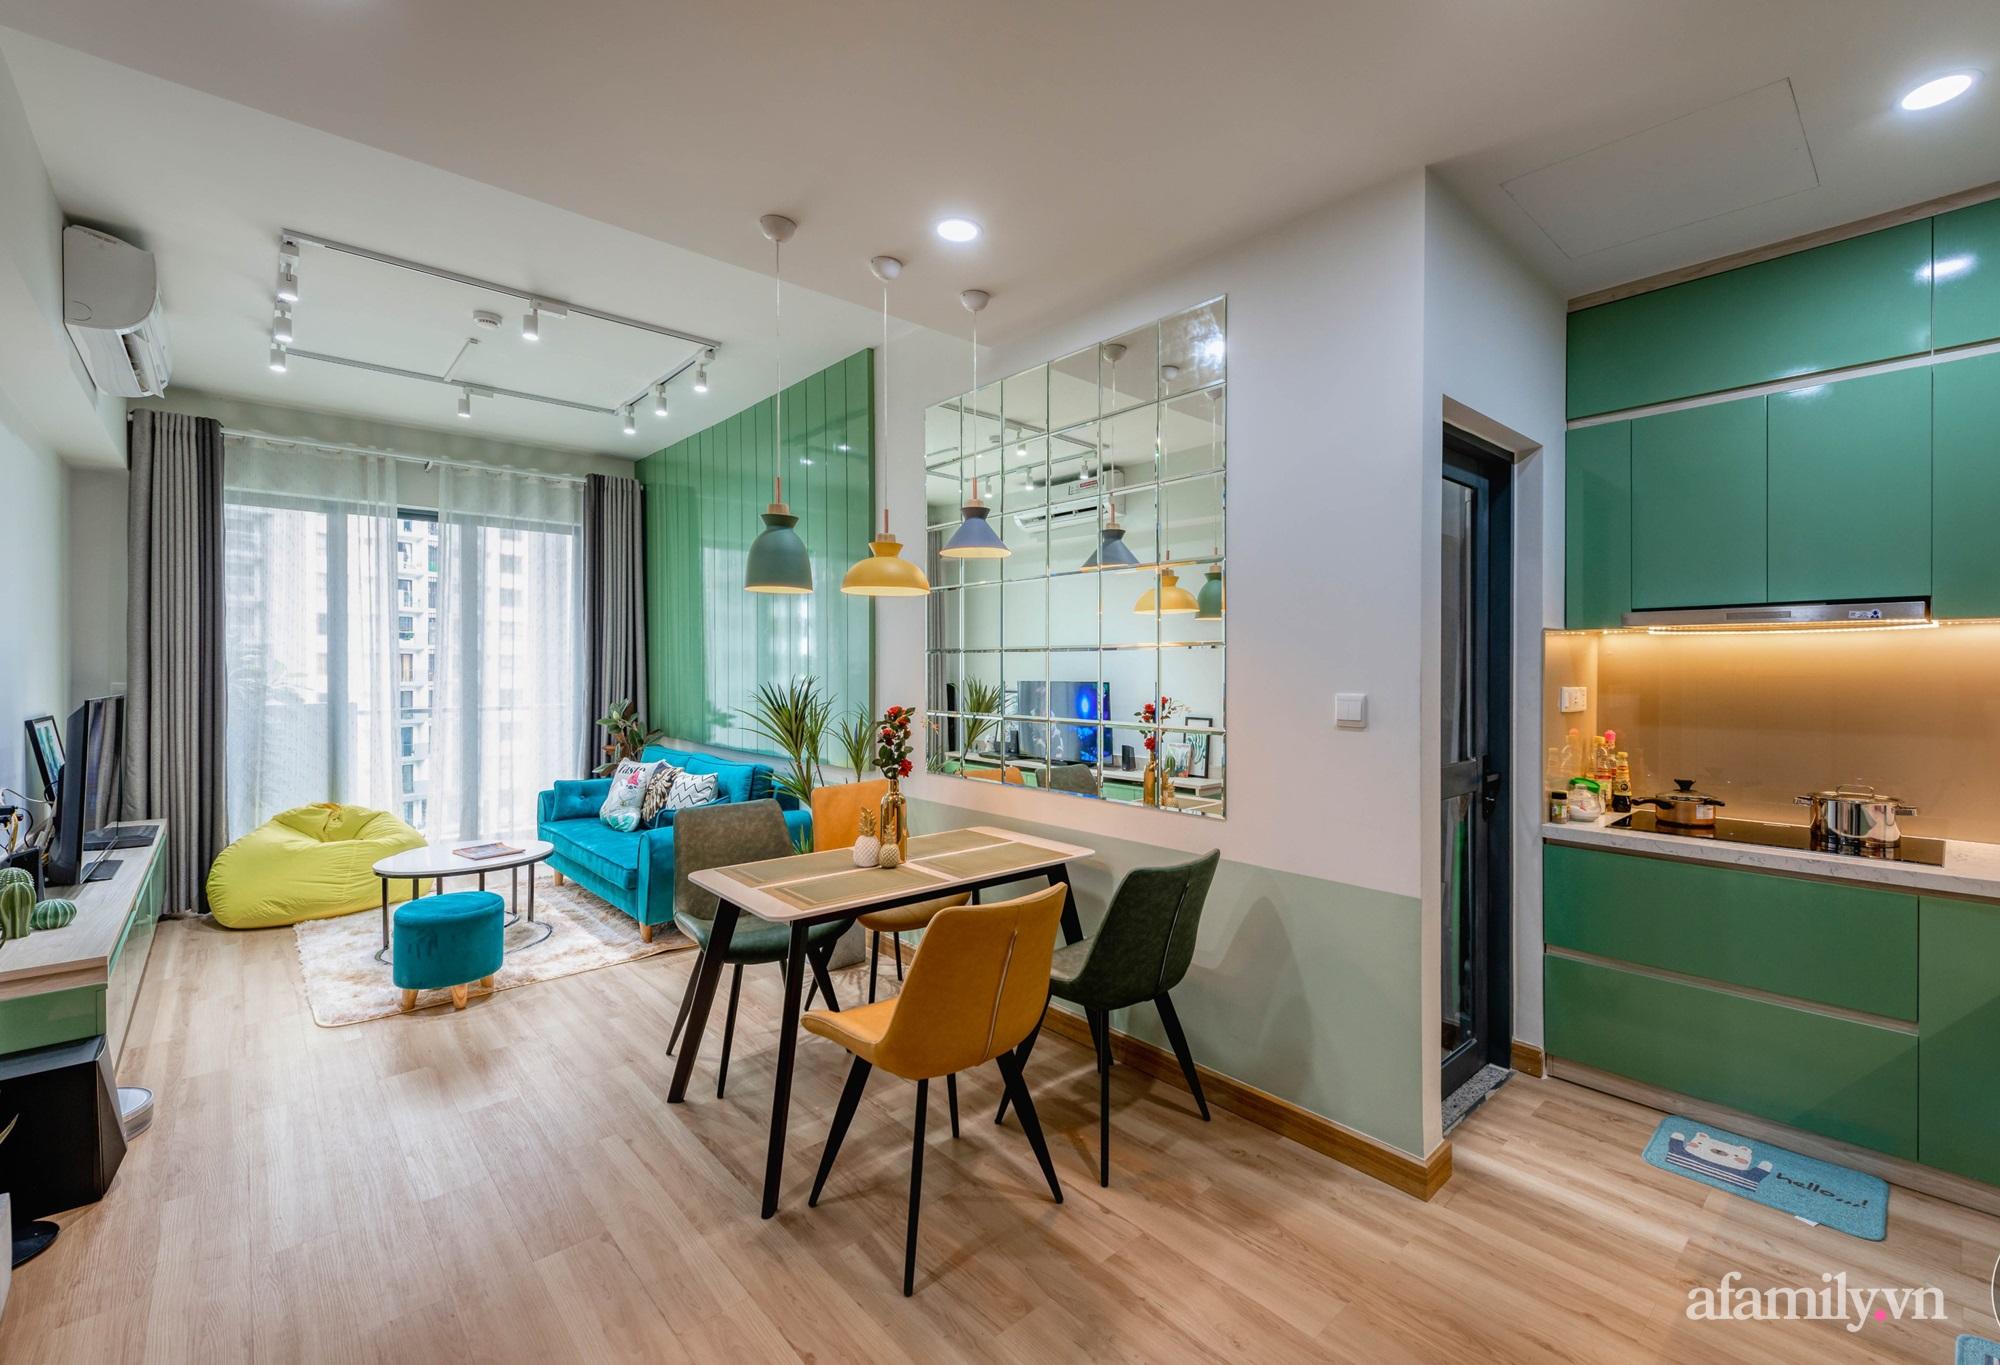 Căn hộ 69m² tạo dấu ấn đặc biệt với phong cách Tropical có chi phí thi công 180 triệu đồng ở Sài Gòn - Ảnh 1.